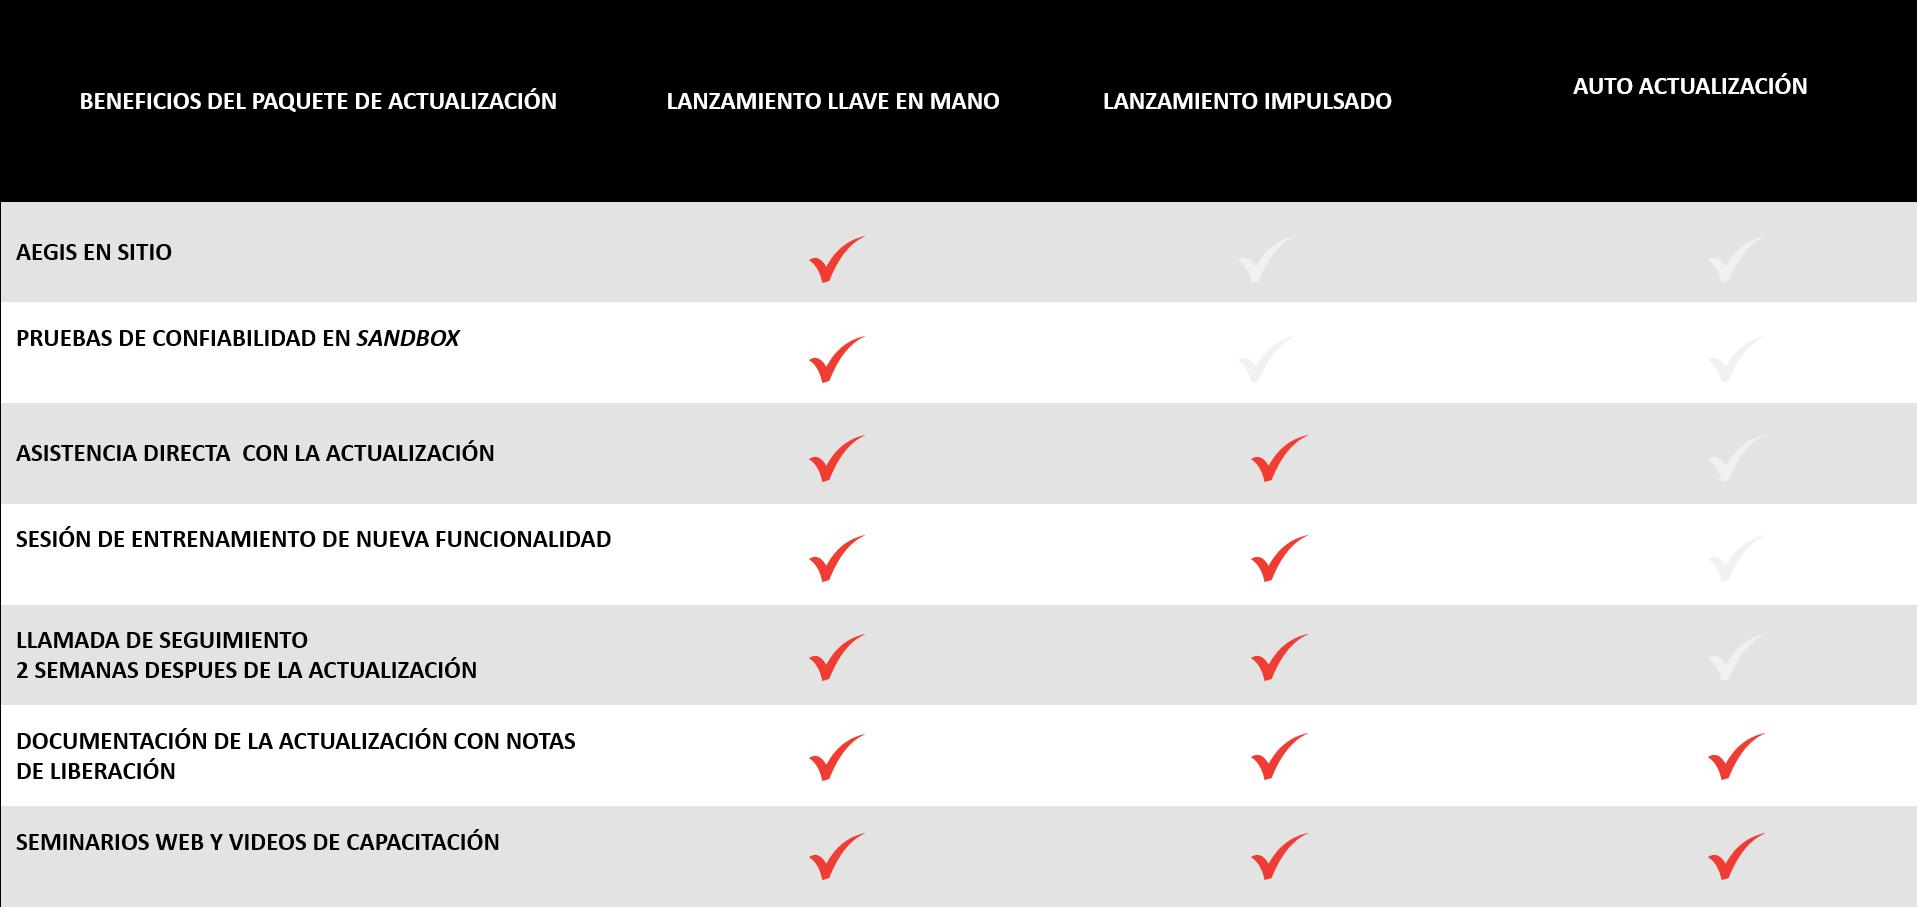 Tabla de paquetes de actualización.